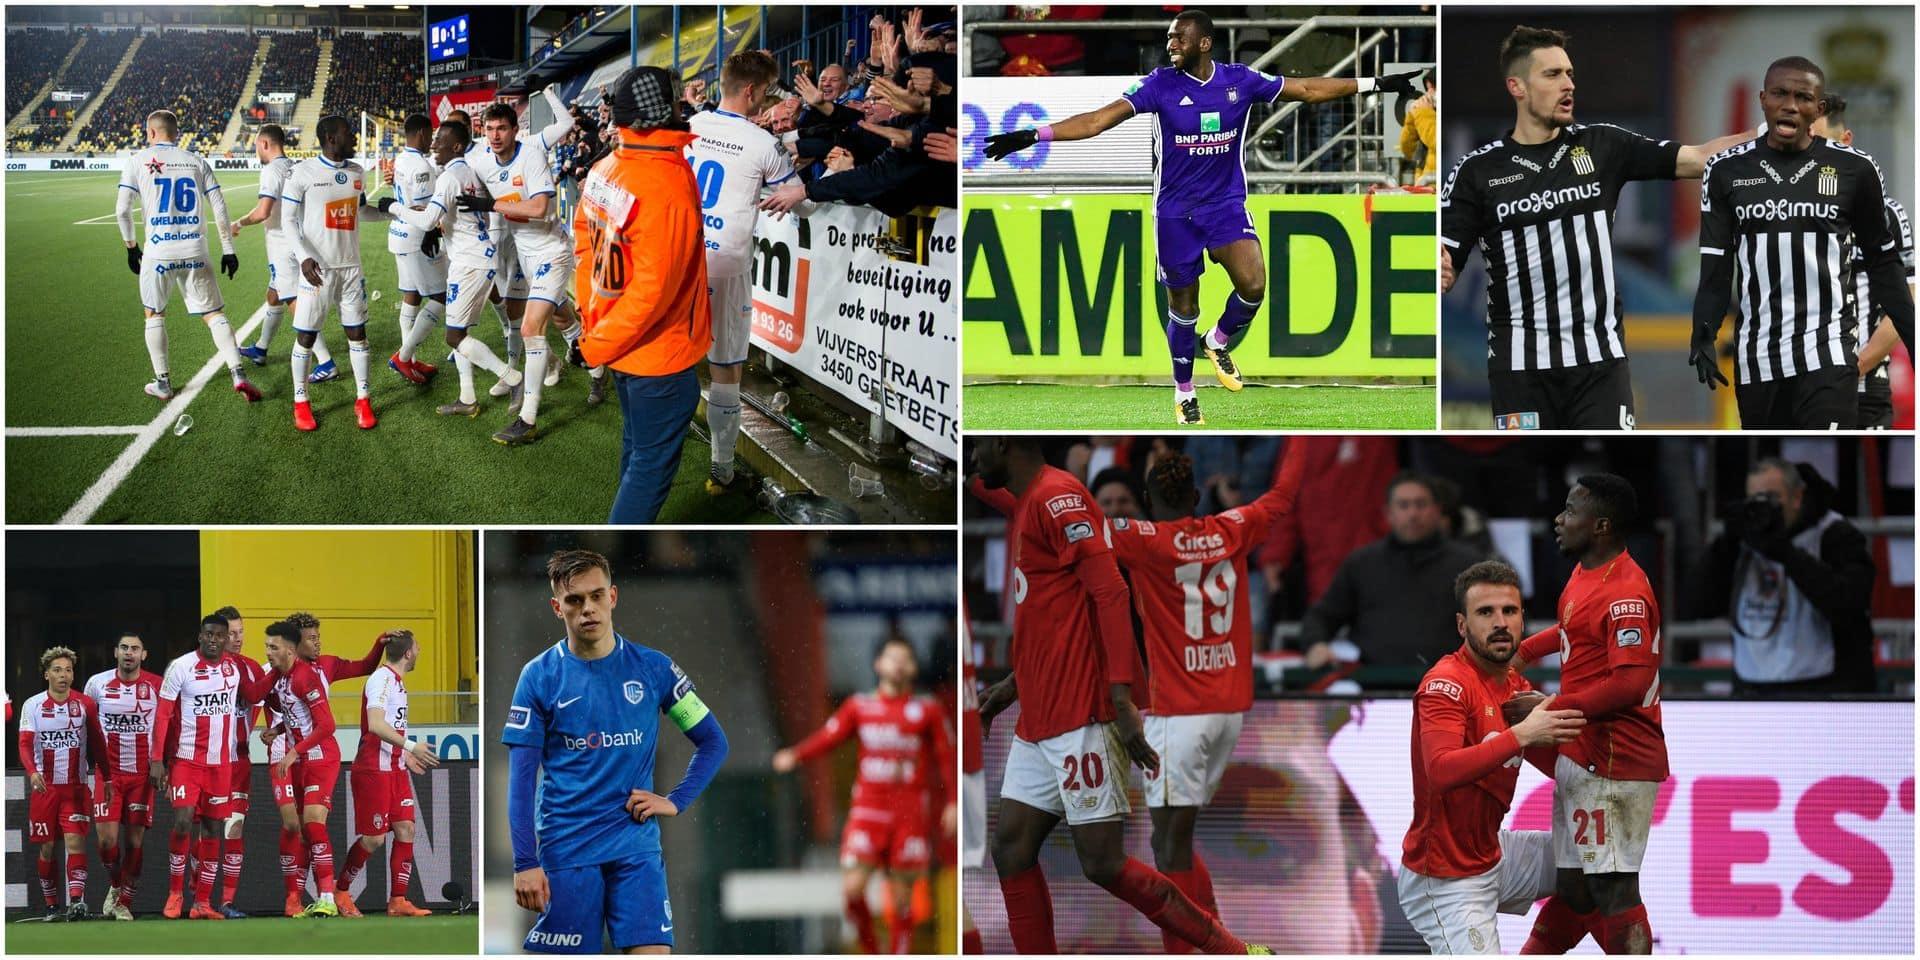 Le Standard s'offre une remontada, Anderlecht s'impose, Charleroi et Bruges battus, La Gantoise en PO1!